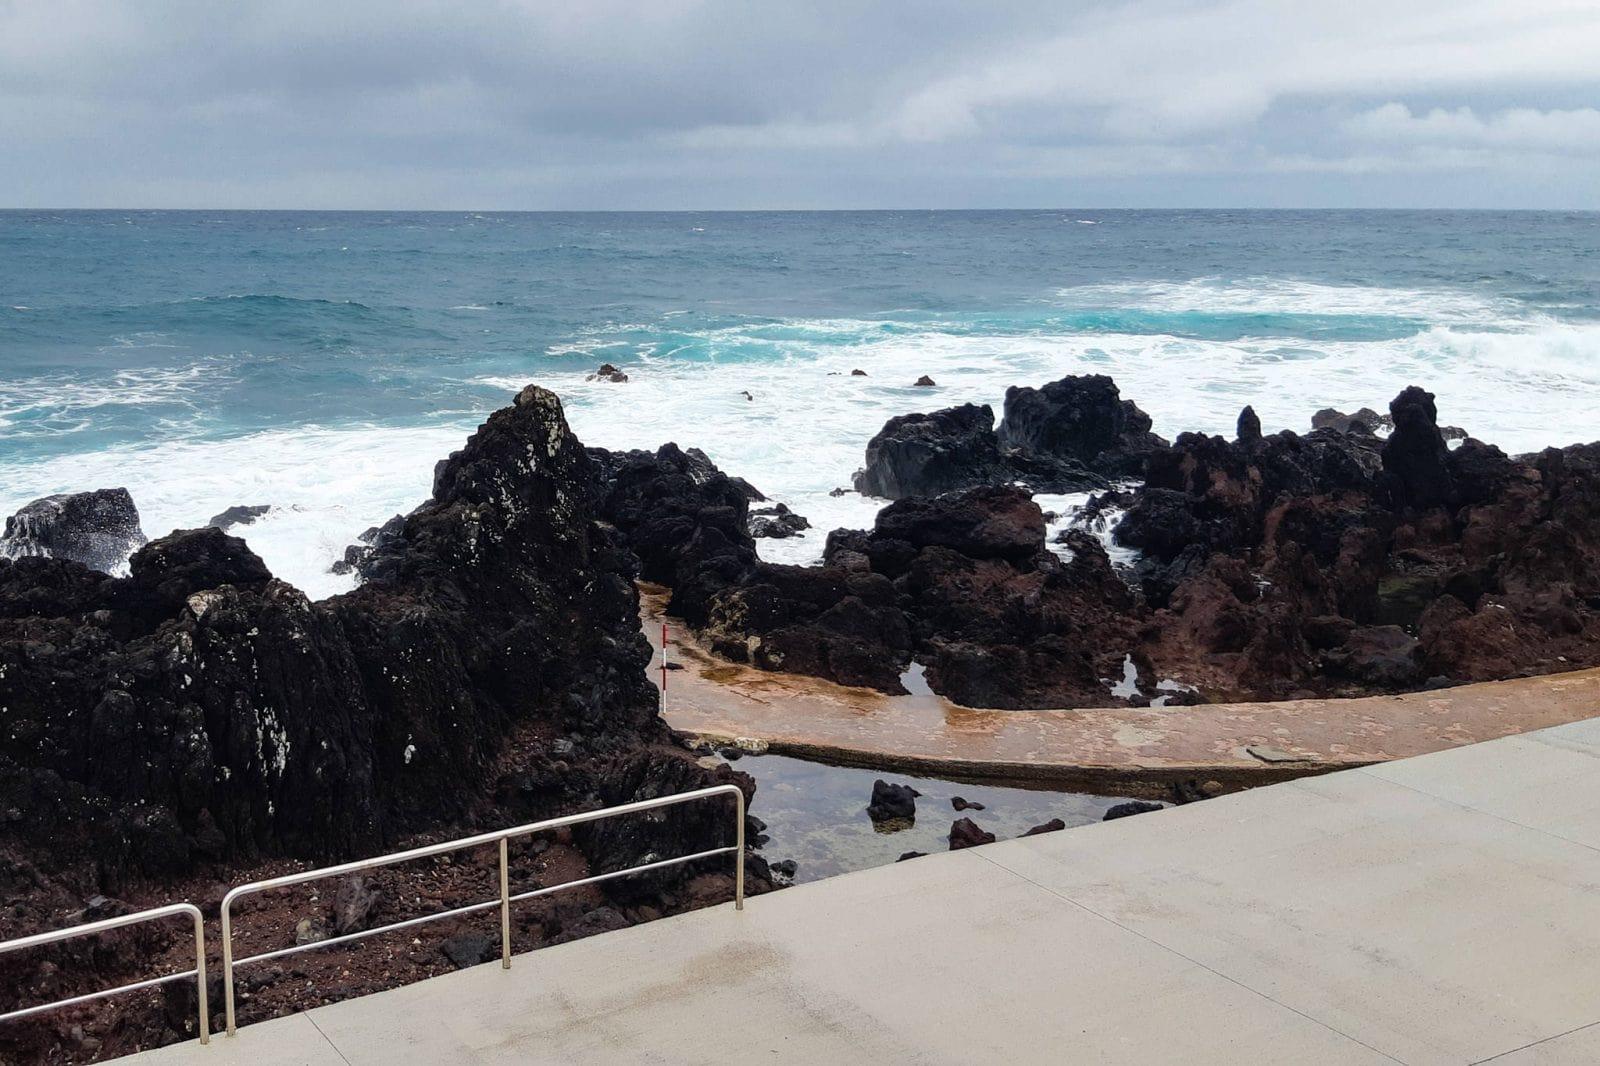 Солярий в западной части купального комплекса (фото: Jorge Félix)